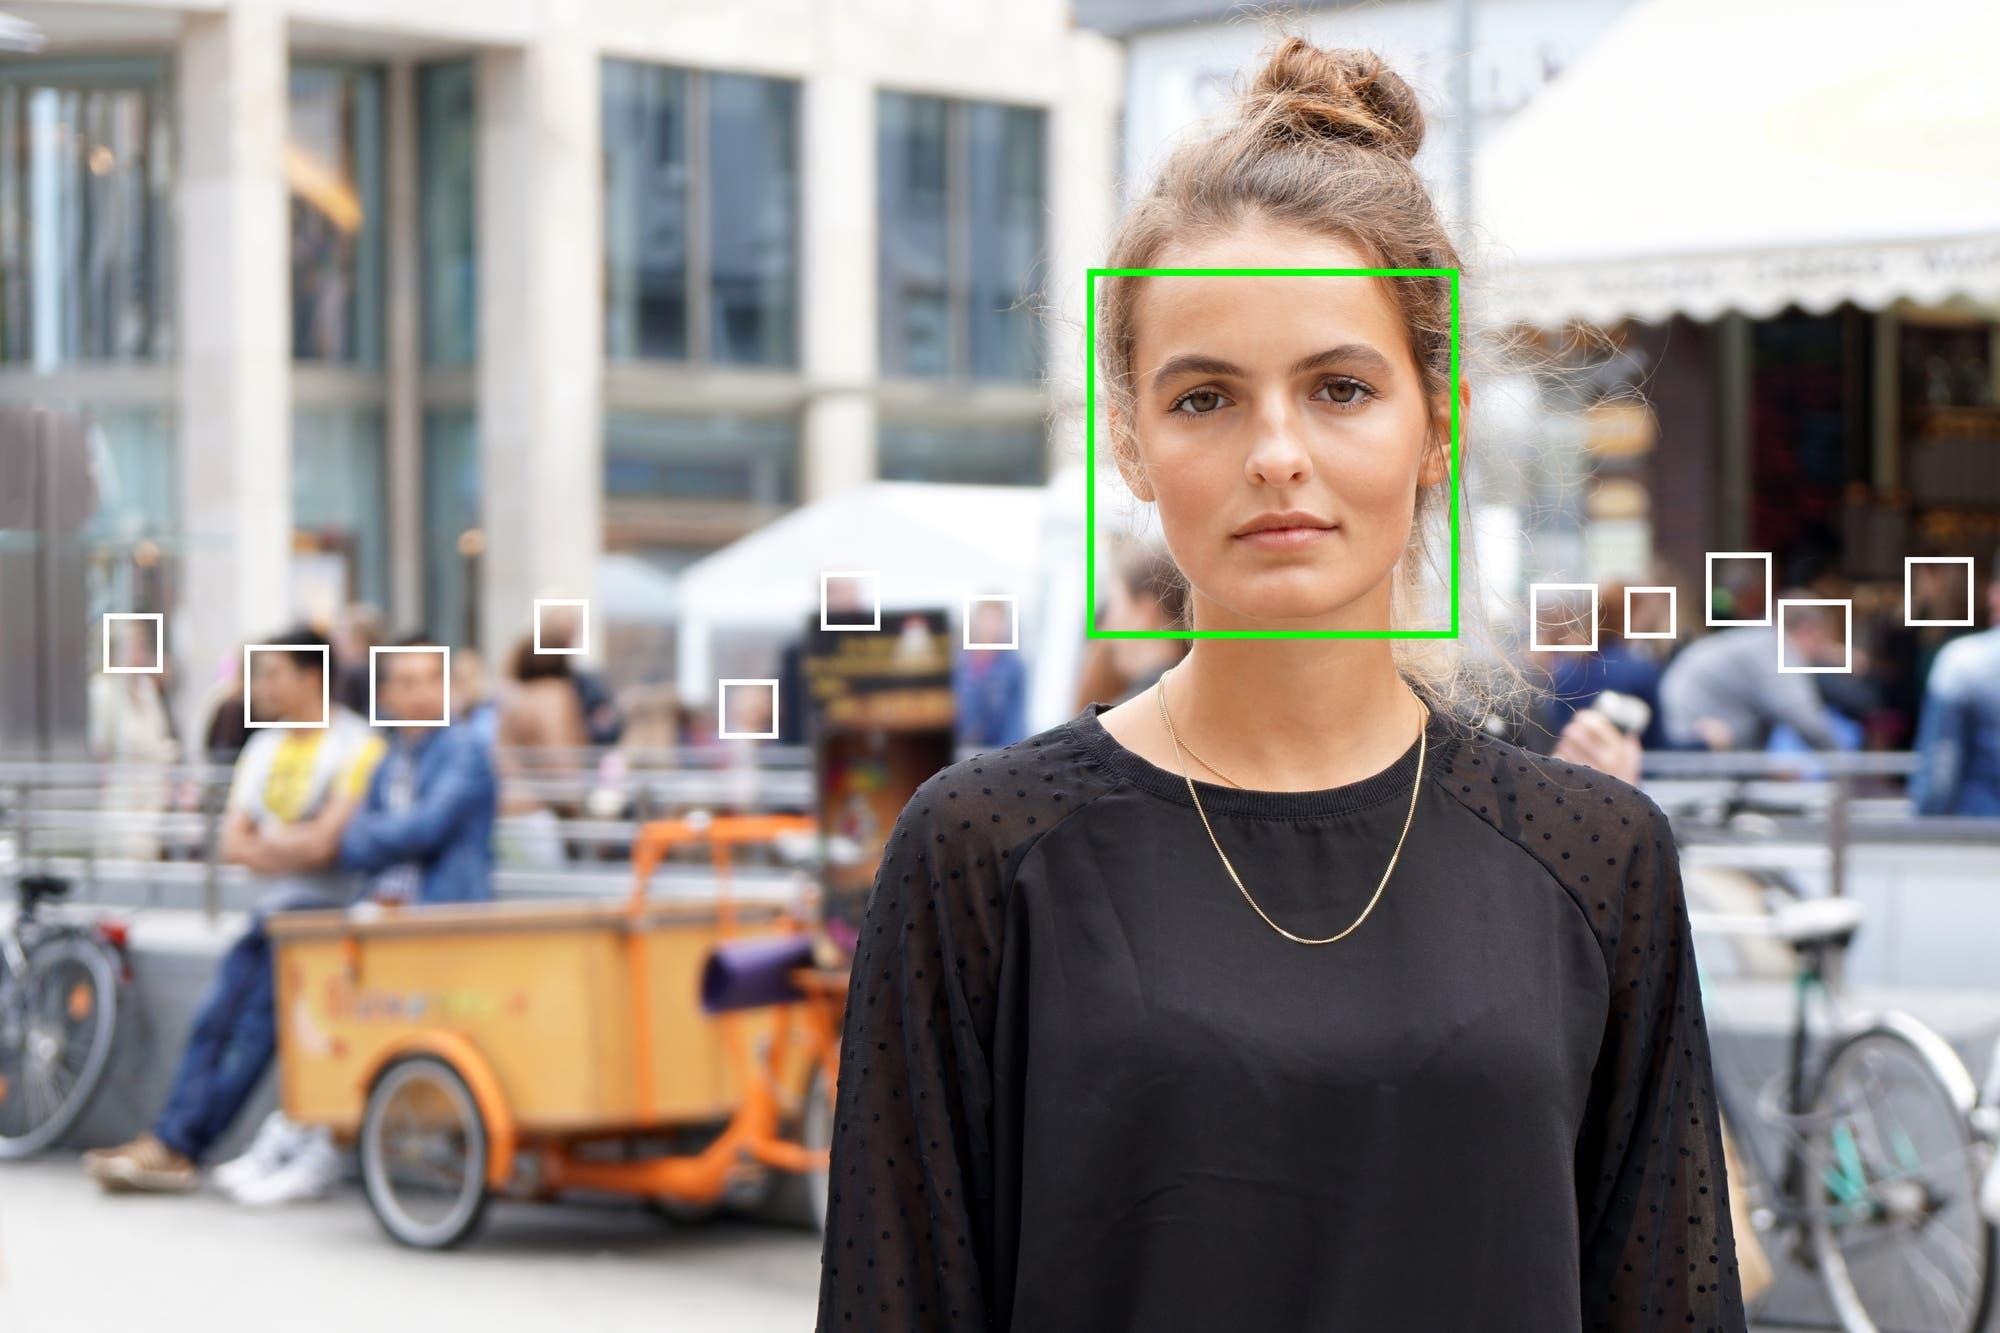 Tecnología, biología y emociones: hacia dónde va la innovación en computación afectiva